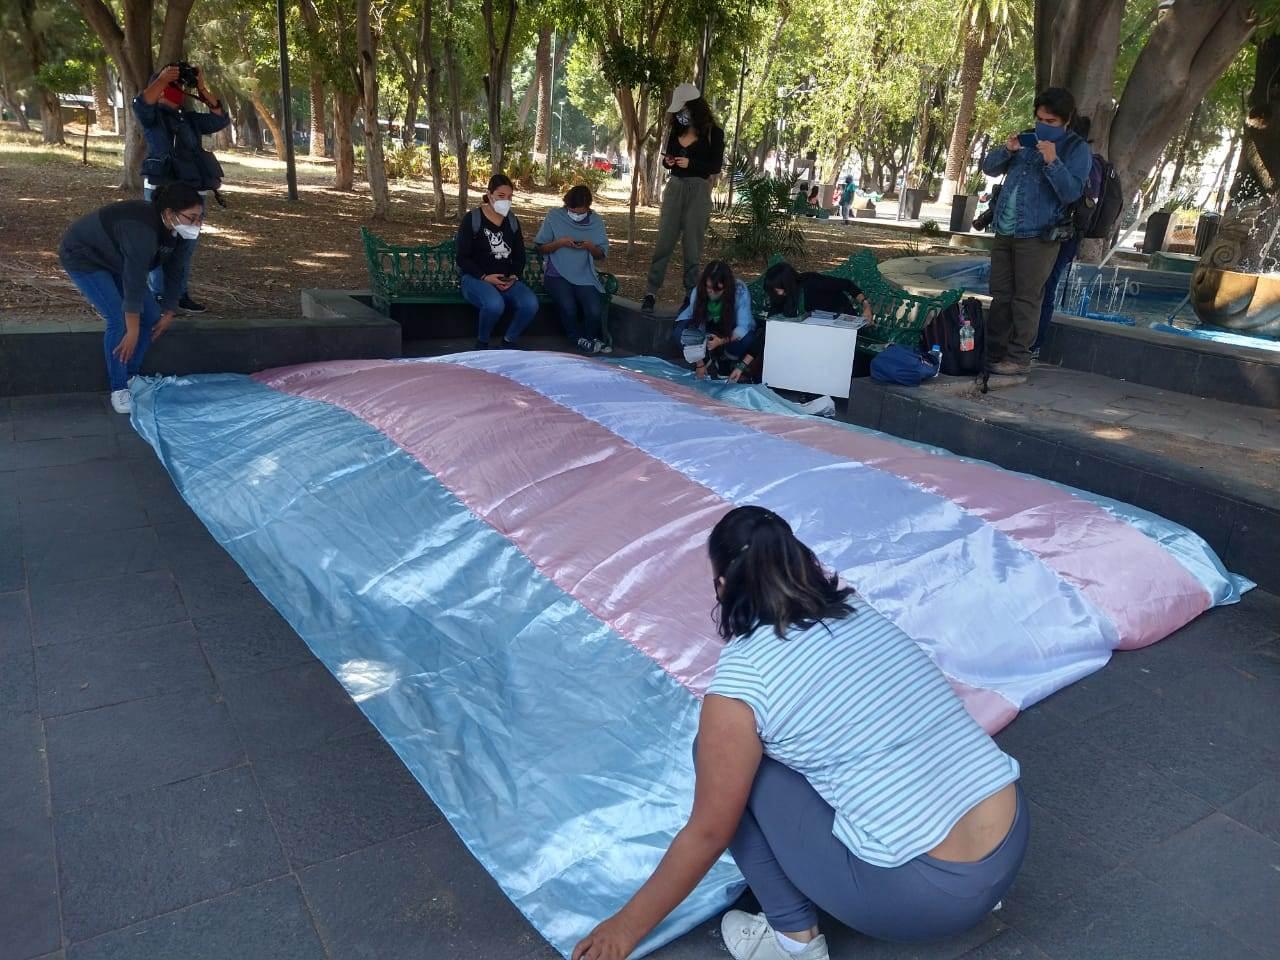 La Ley Agnes se presentó por primera vez en marzo de 2013 y aunque desde entonces se han presentado dos iniciativas más que son idénticas, hasta ahora el tema se mantenido congelado en un Congreso dominado, sucesivamente, por el PRI, el PAN y ahora por Morena. Fotografía: Guadalupe Juárez